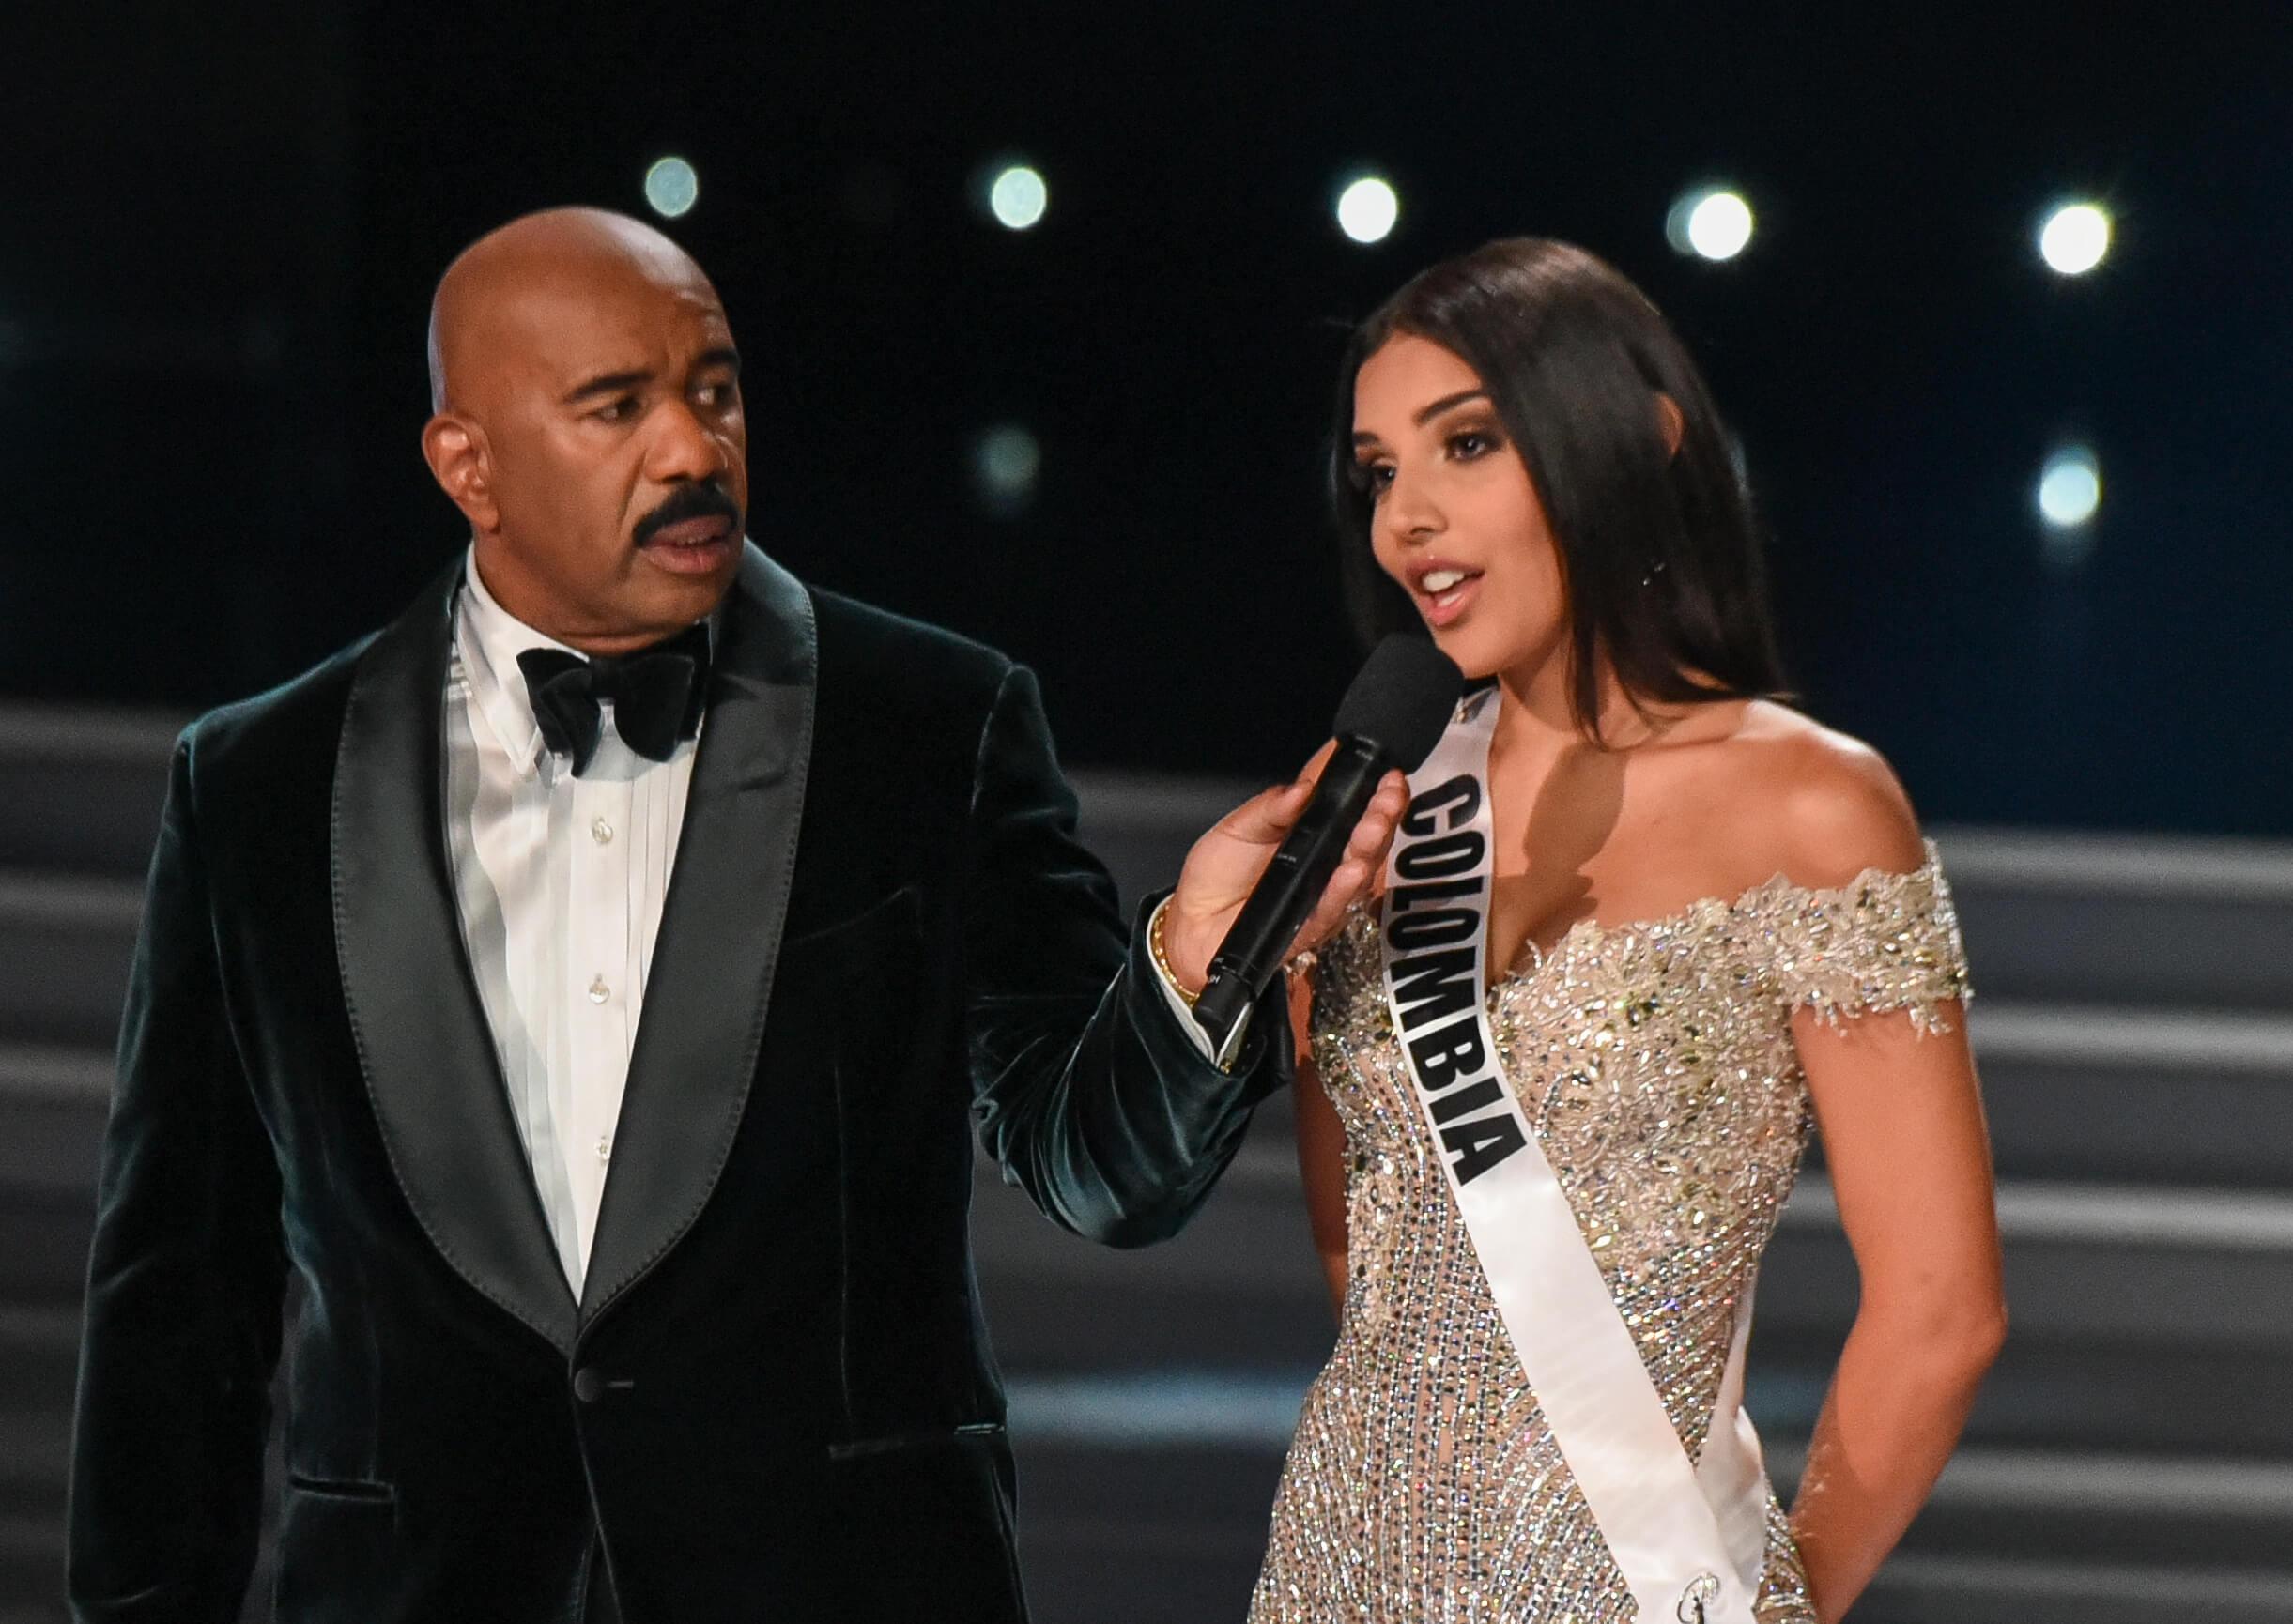 Los mejores momentos de la Señorita Colombia en Miss Universo